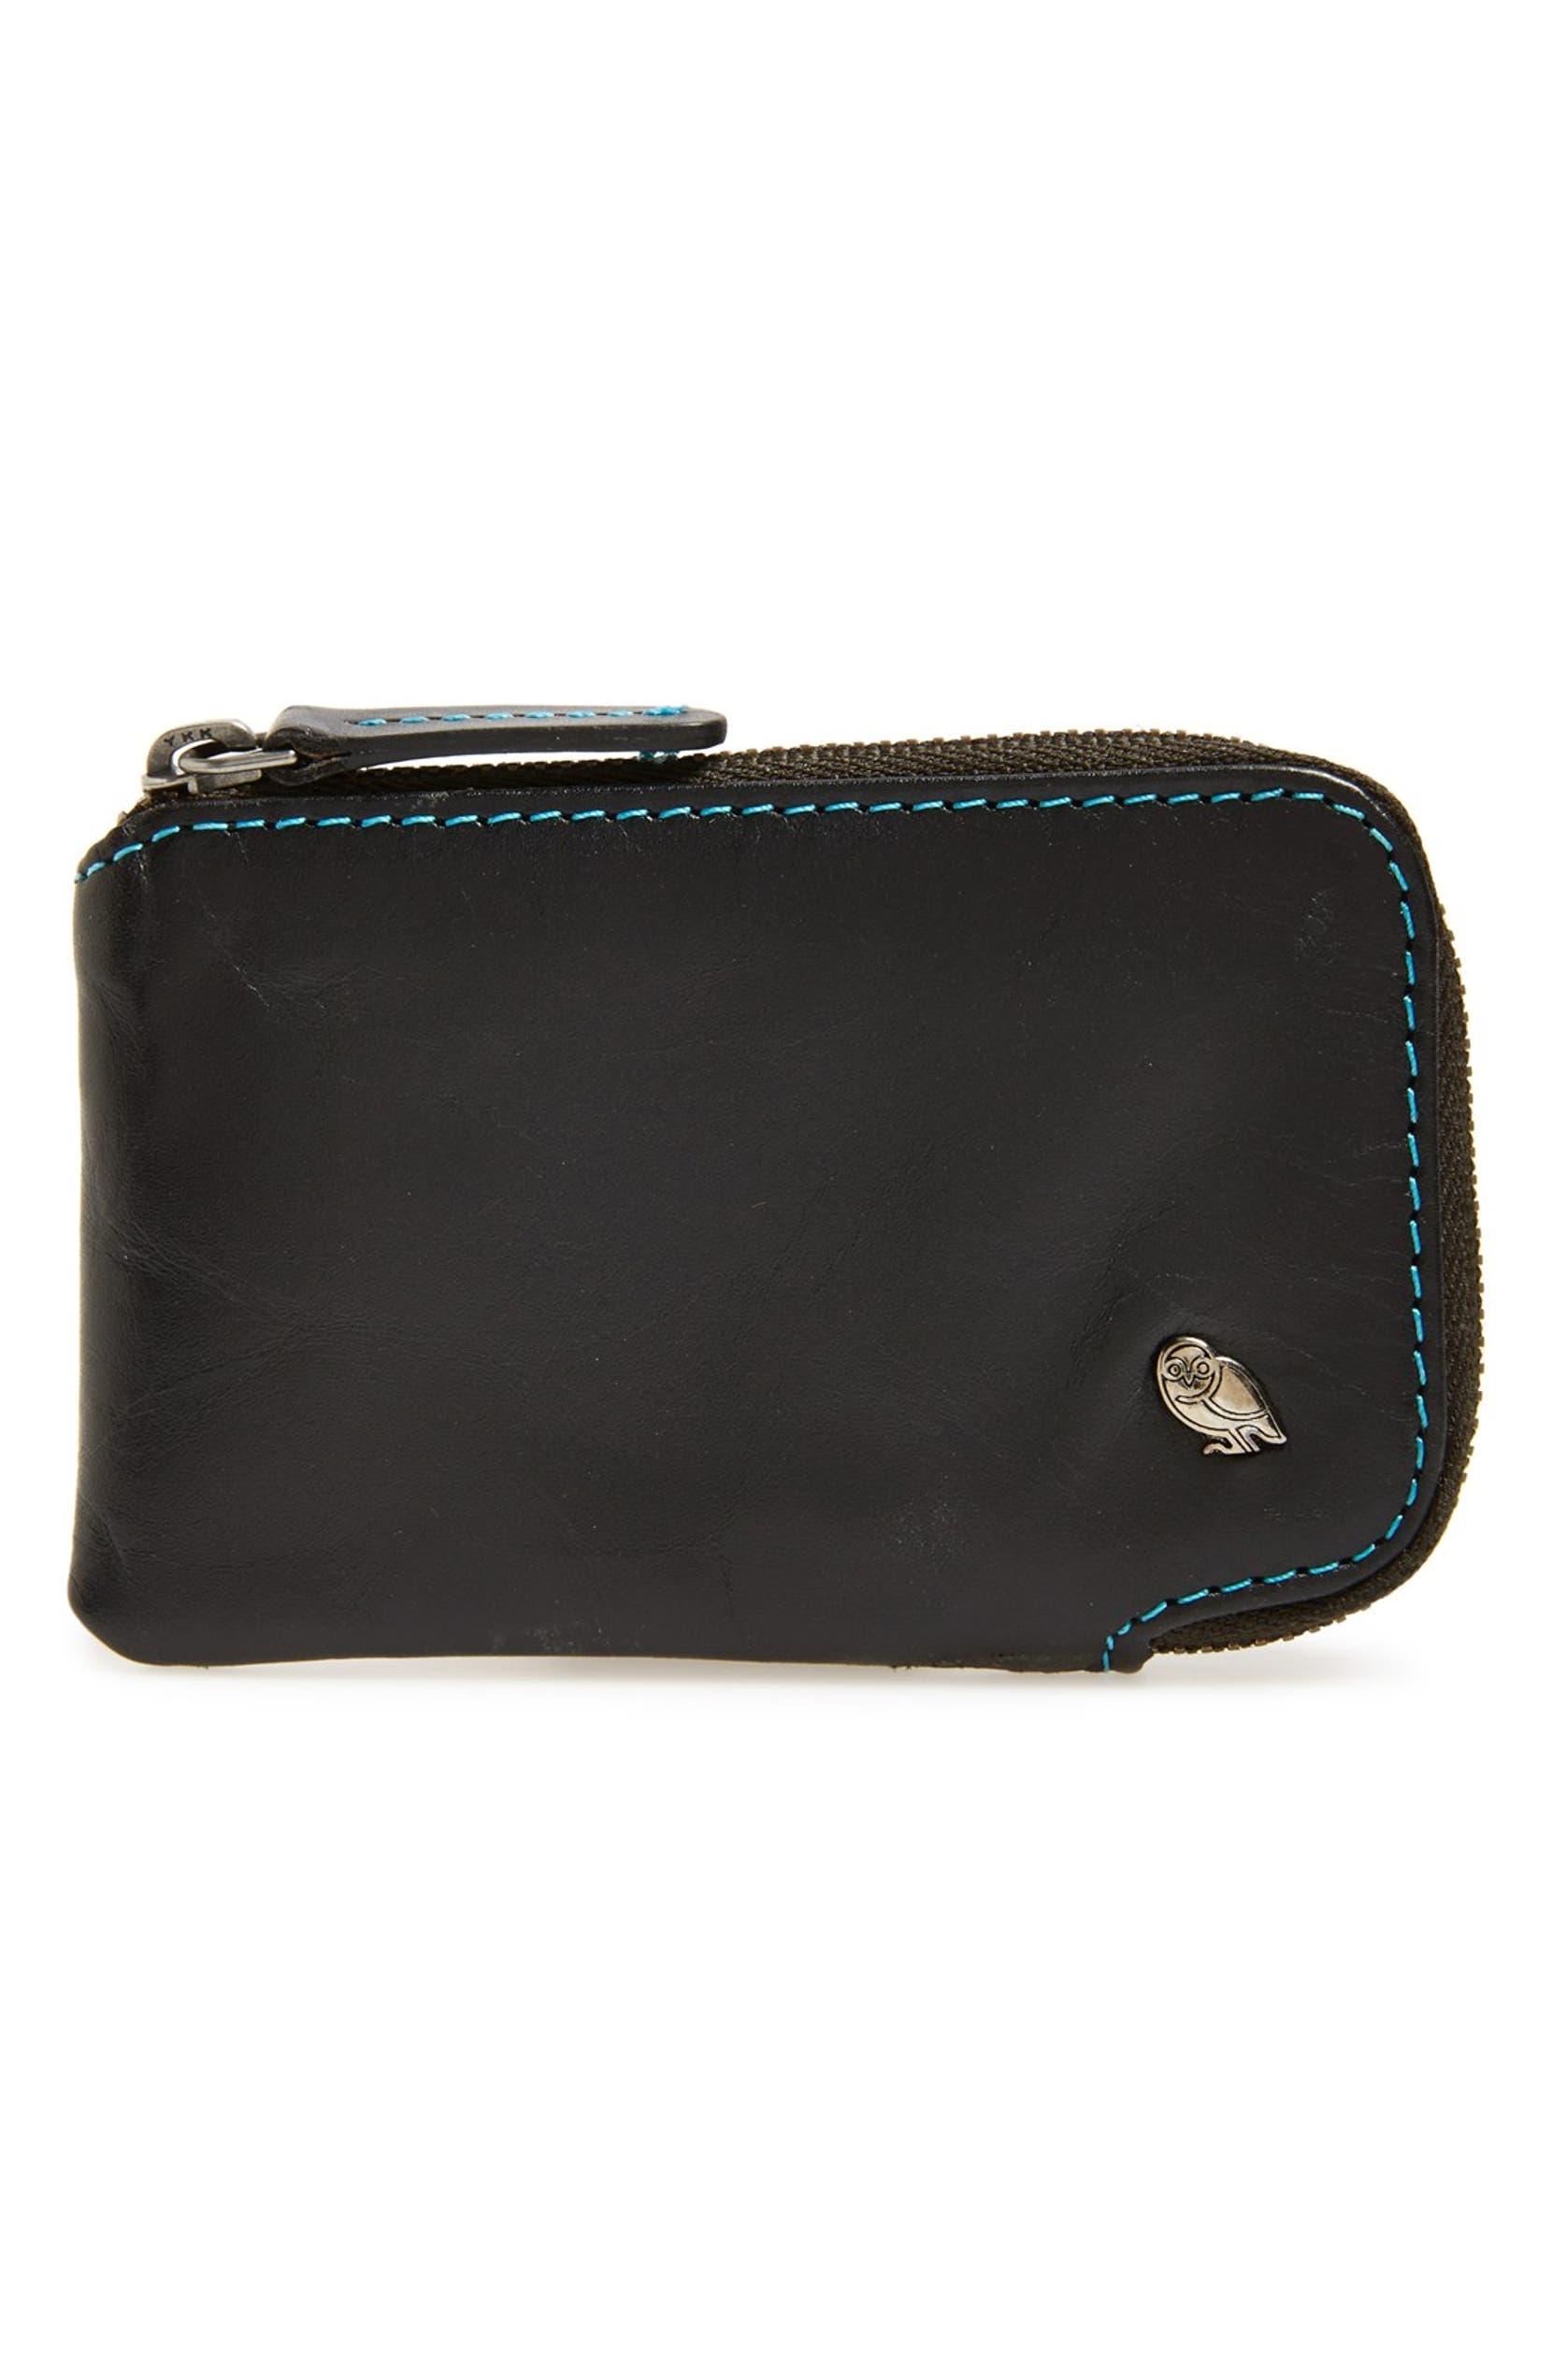 d7fd31327e 'Very Small' Wallet